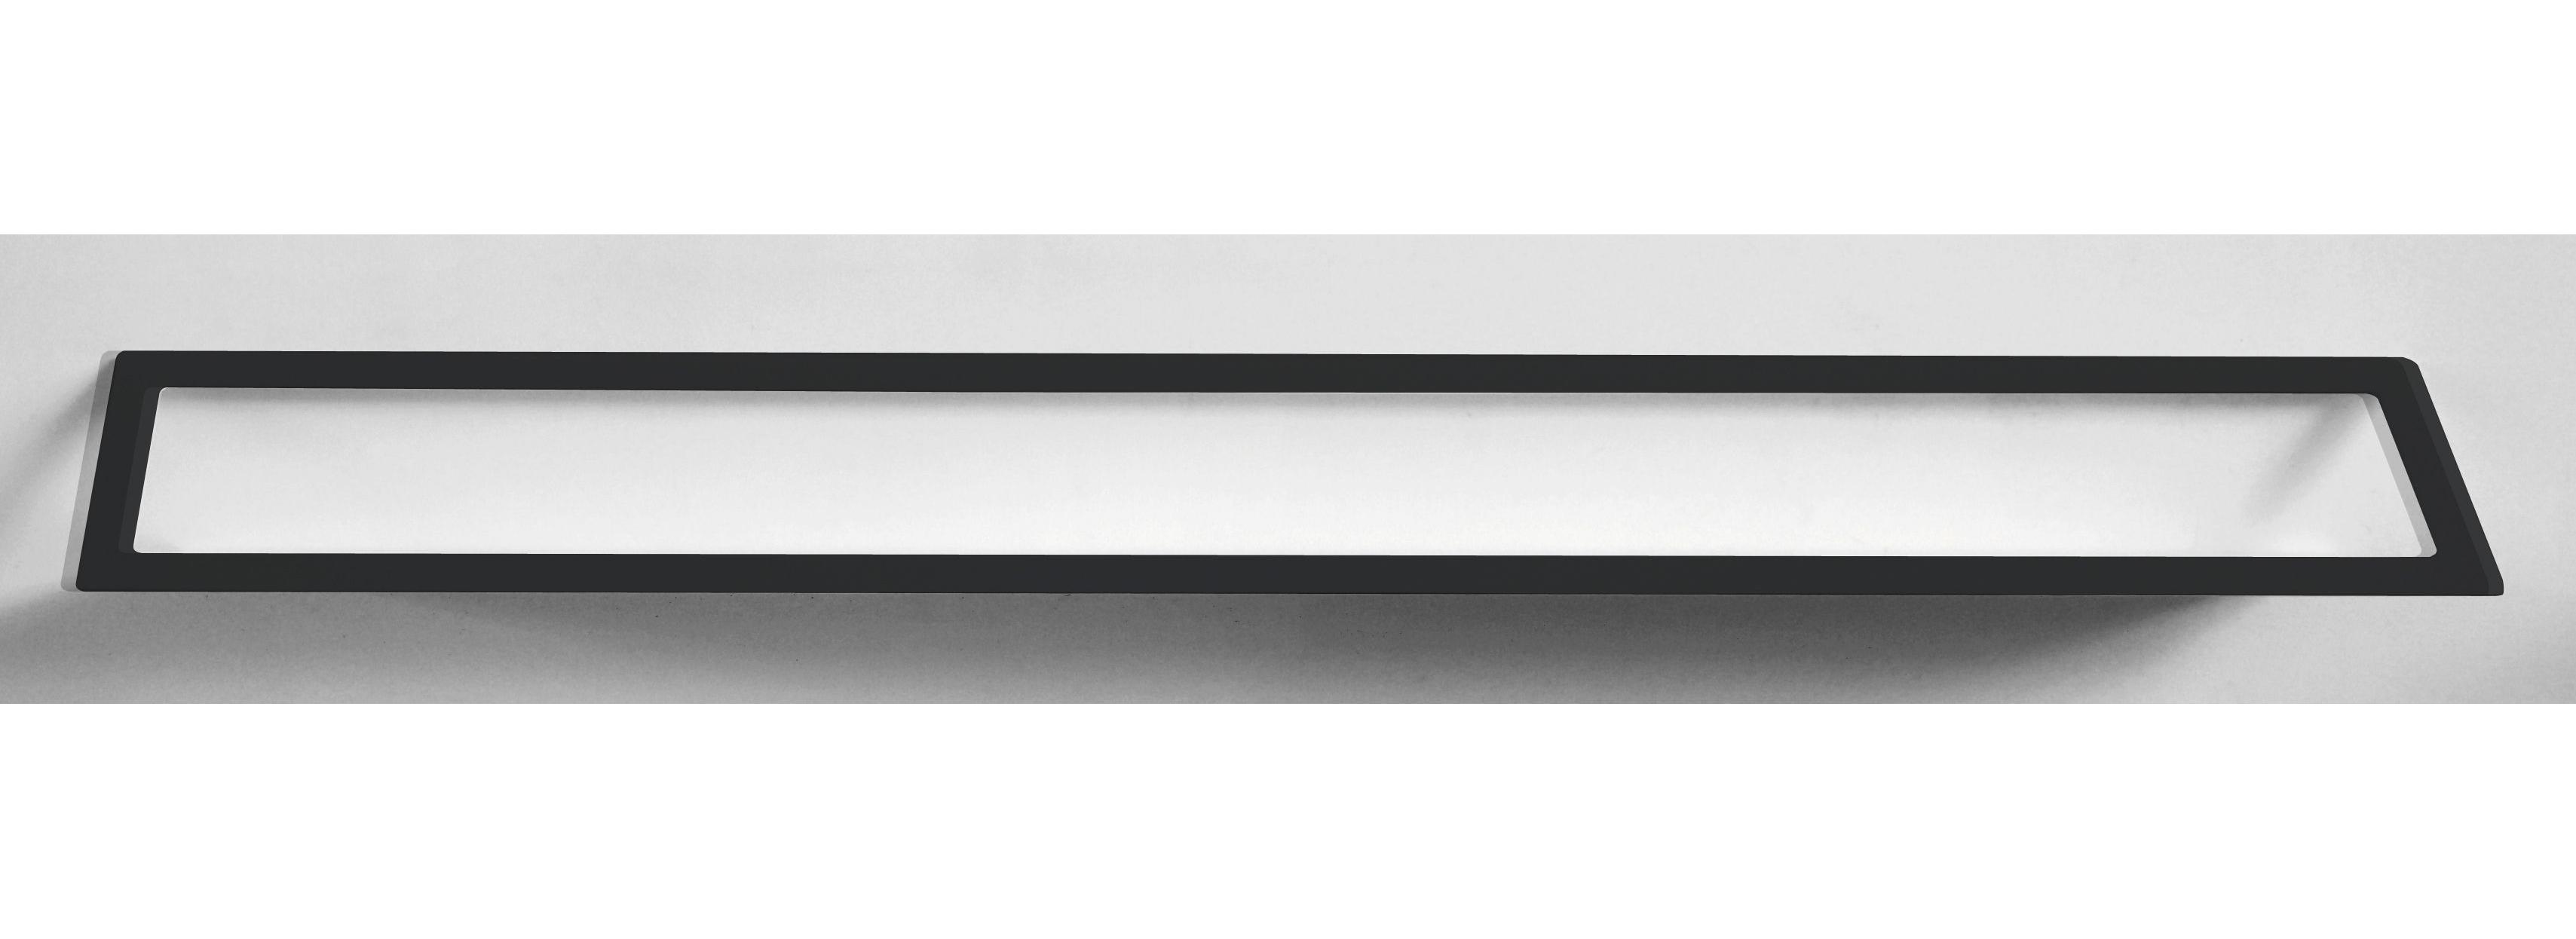 Möbel - Regale und Bücherregale - Air Regal / L 240 cm - Zeus - Schwarzmatt, phosphatiert - phosphatierter Stahl